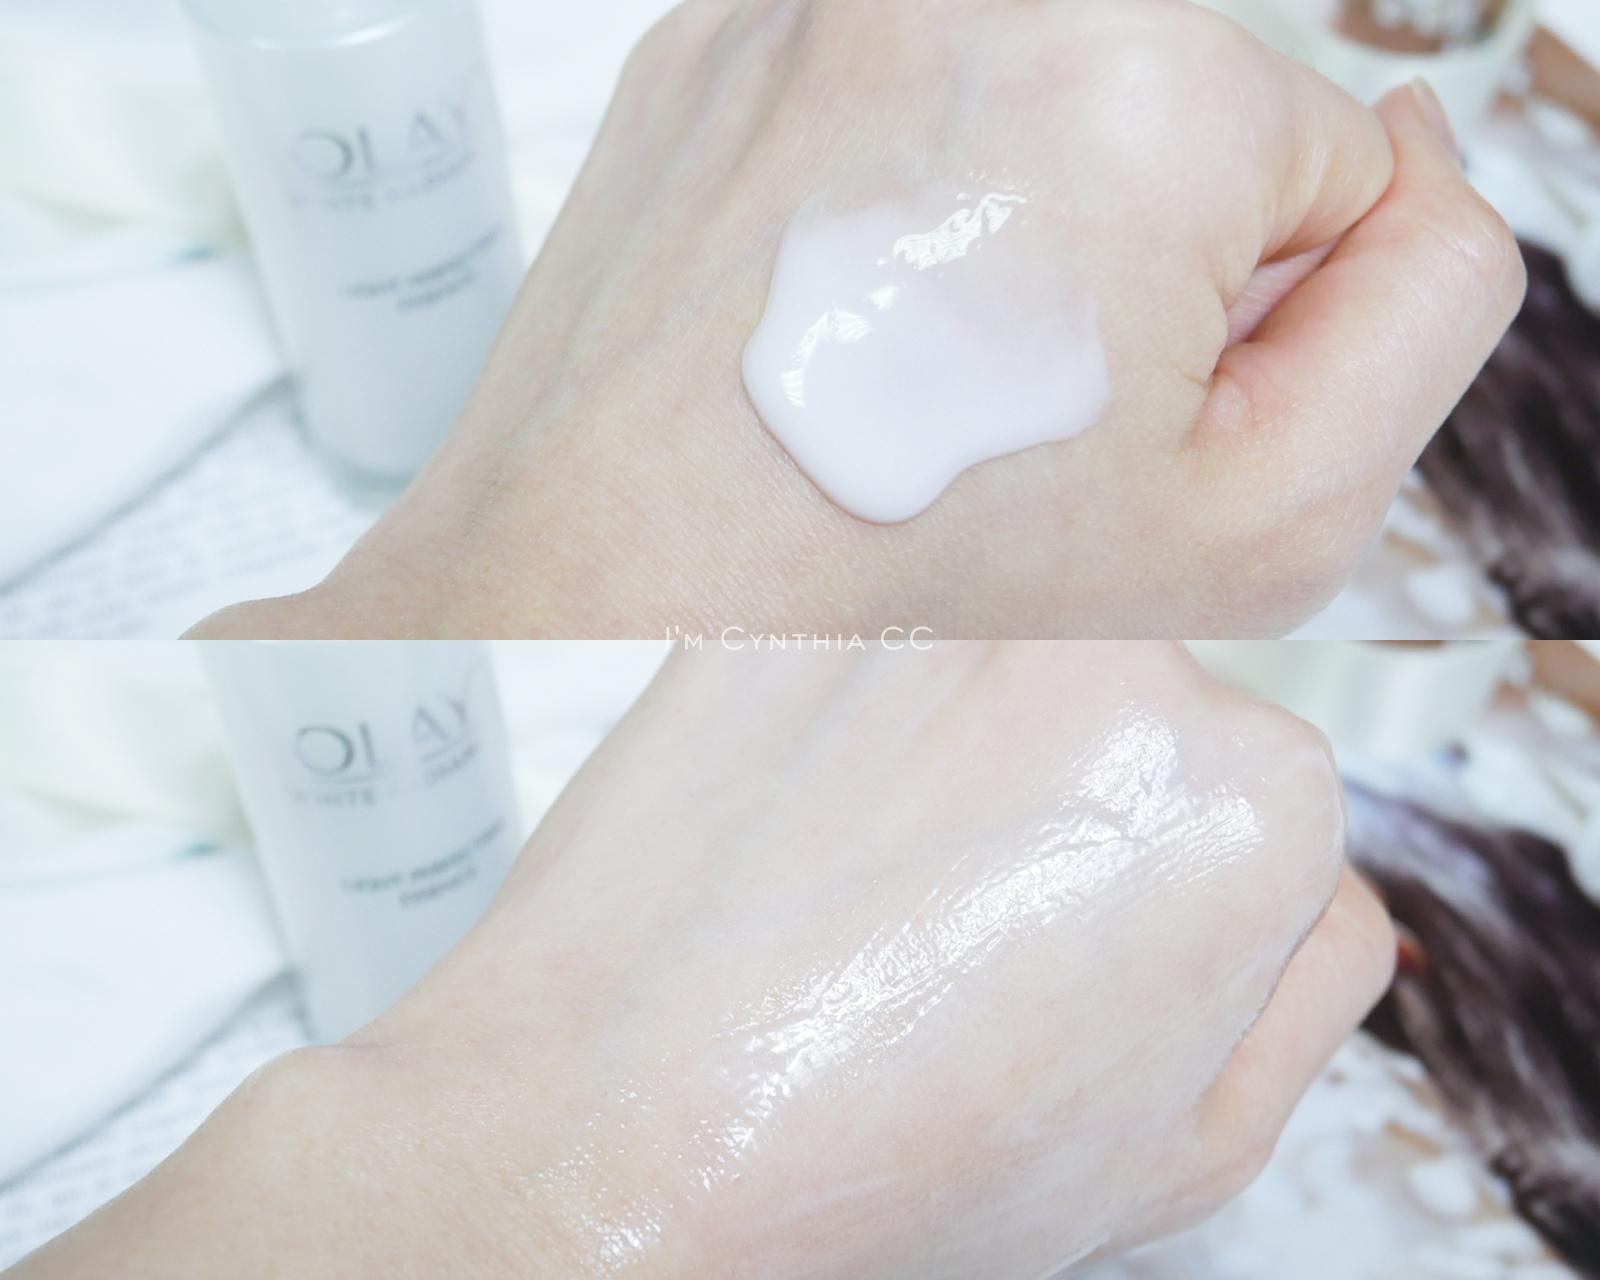 OLAY兩步驟養成夏日淨白肌-光塑淡斑精華